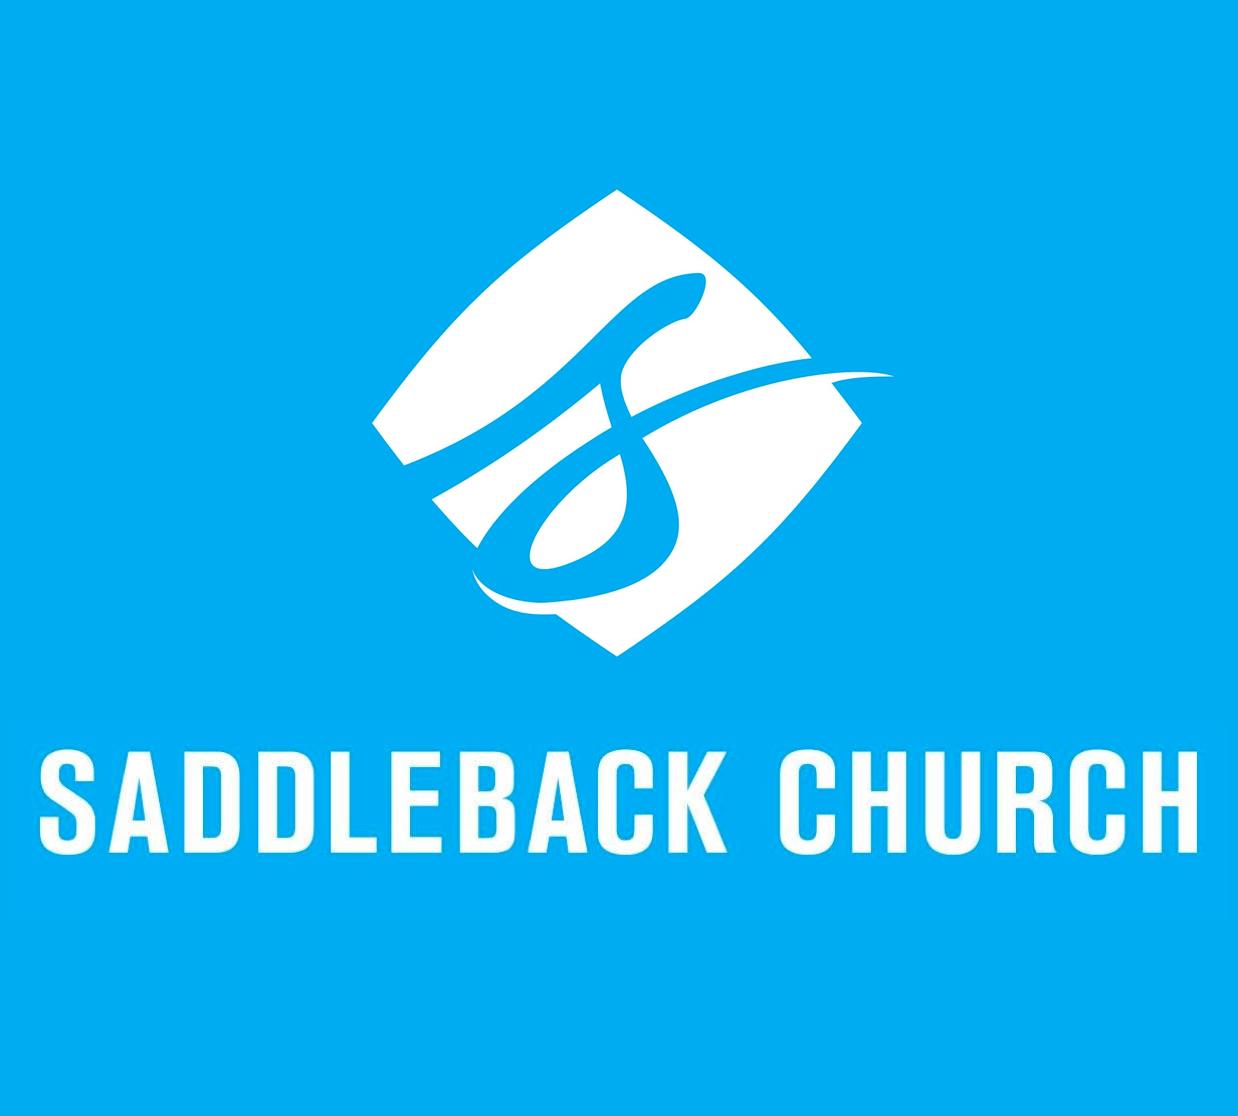 Saddleback-Church-Logo